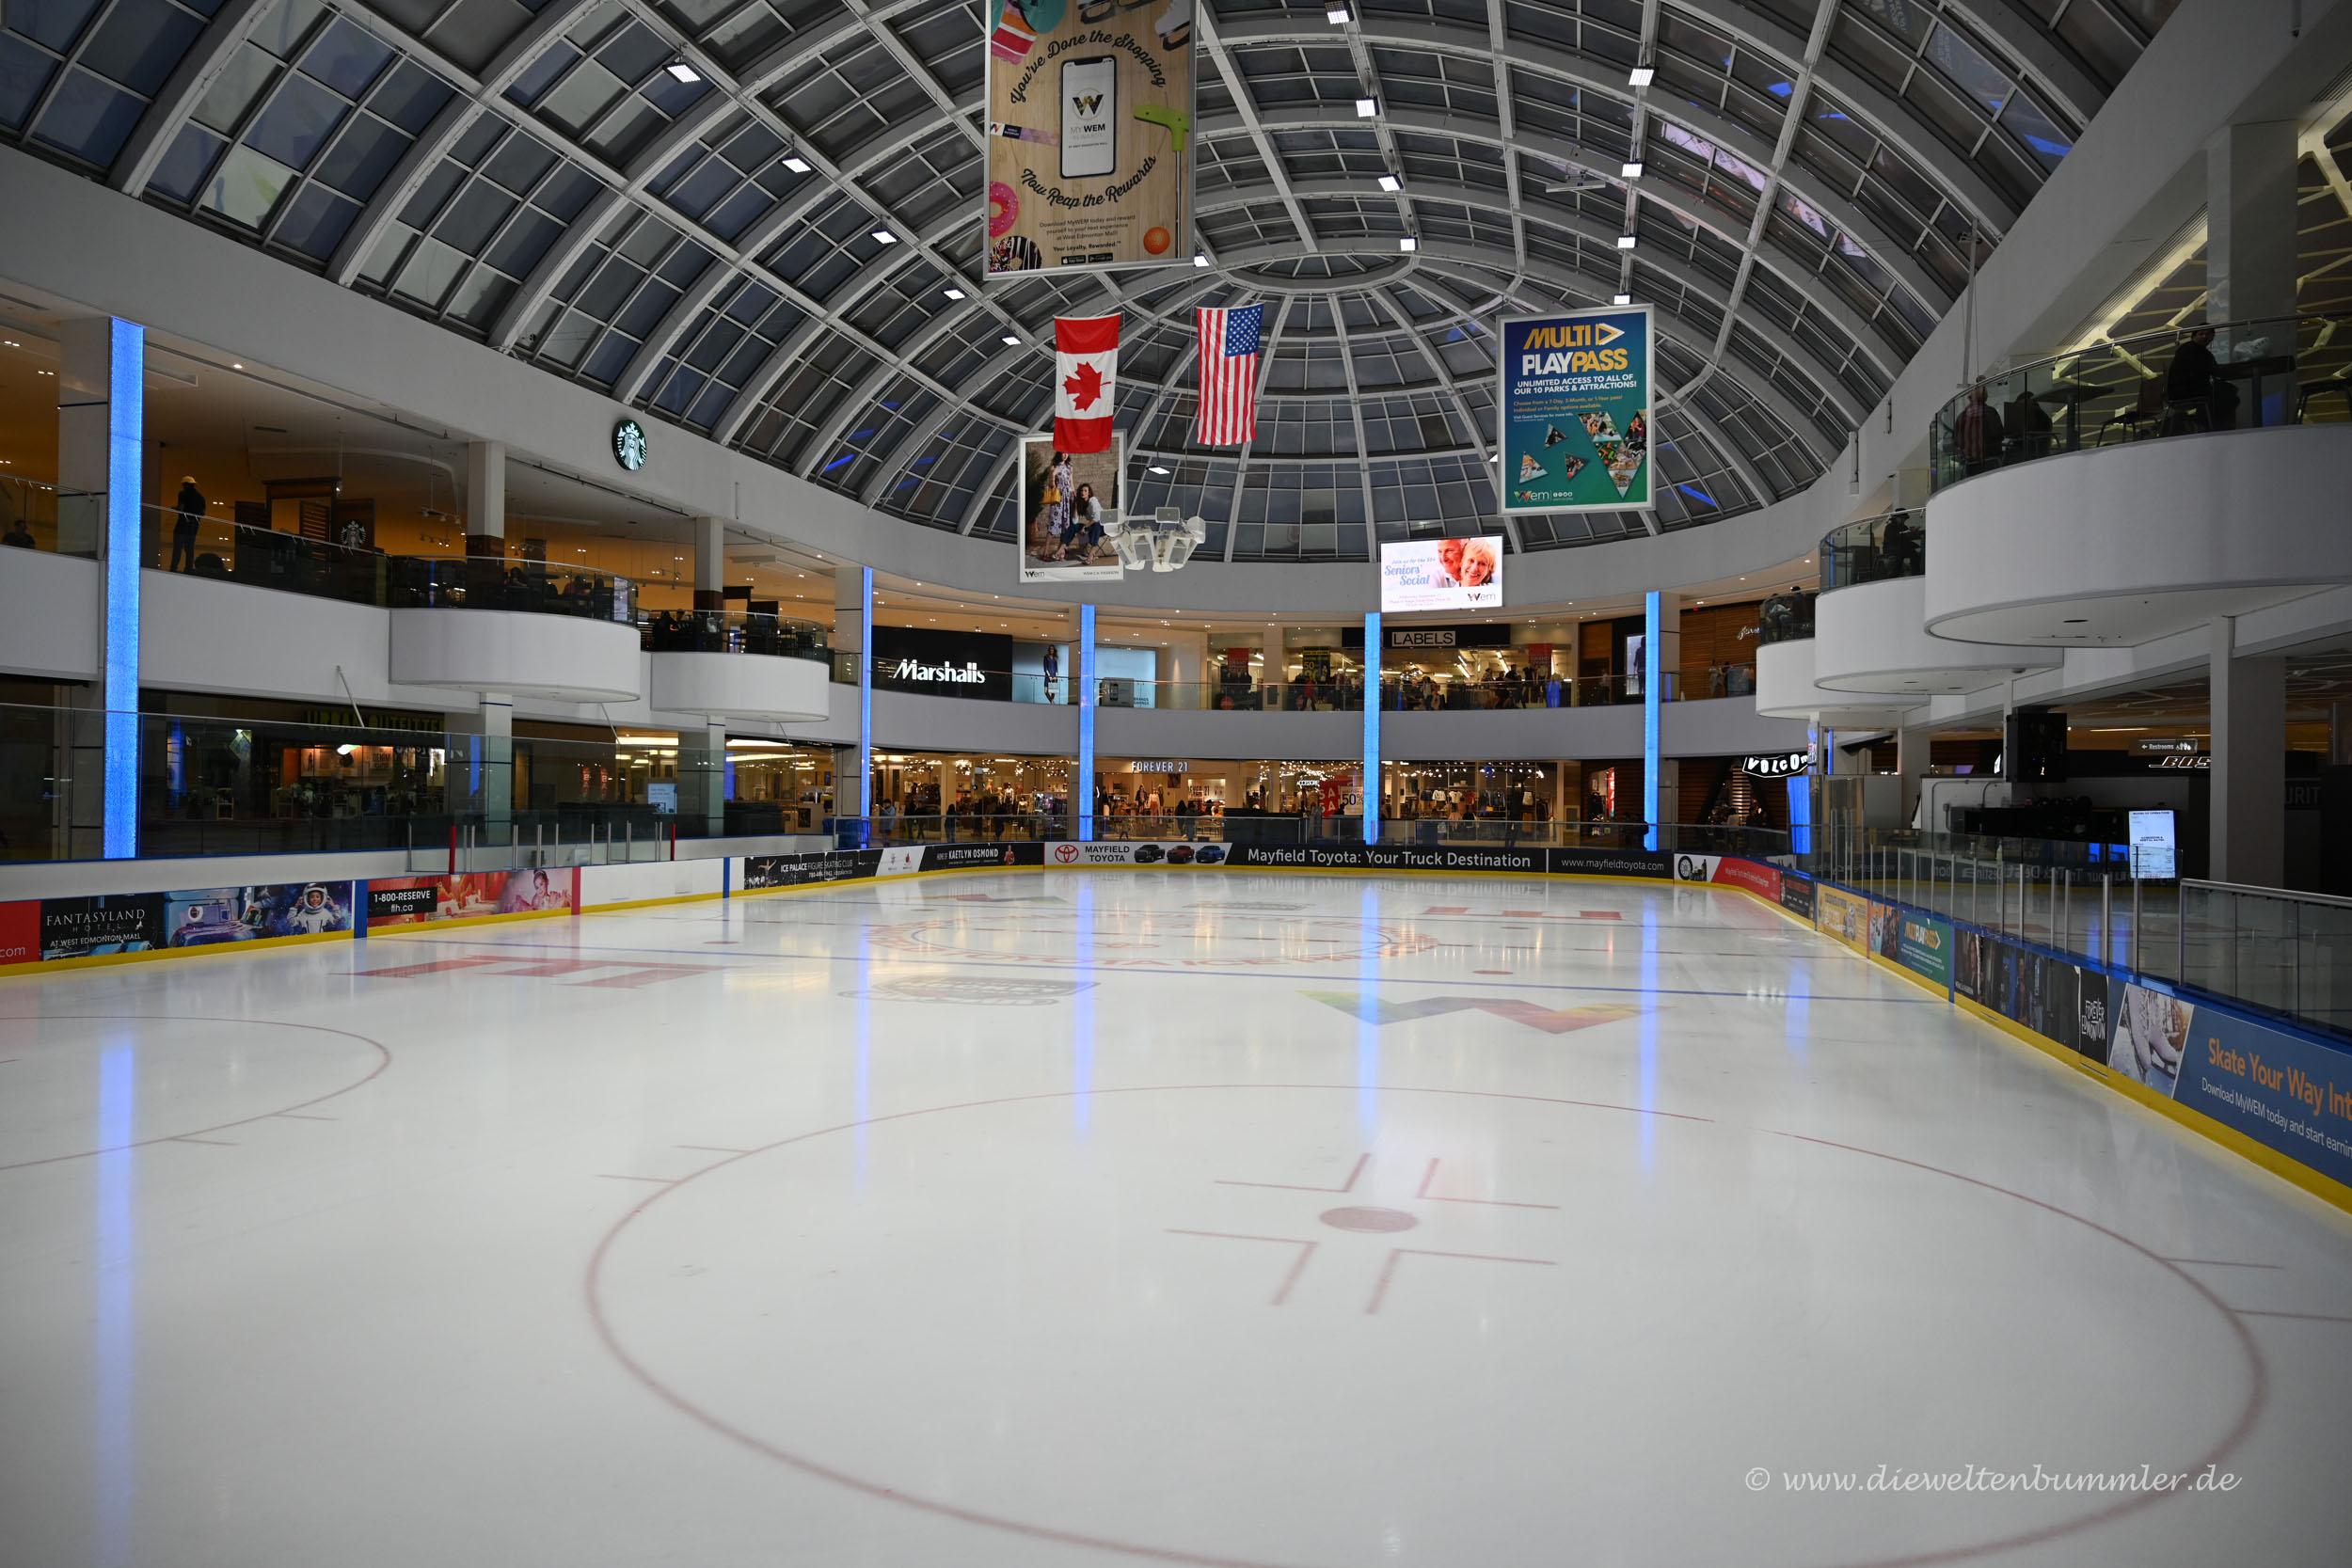 Eisfläche im Einkaufszentrum